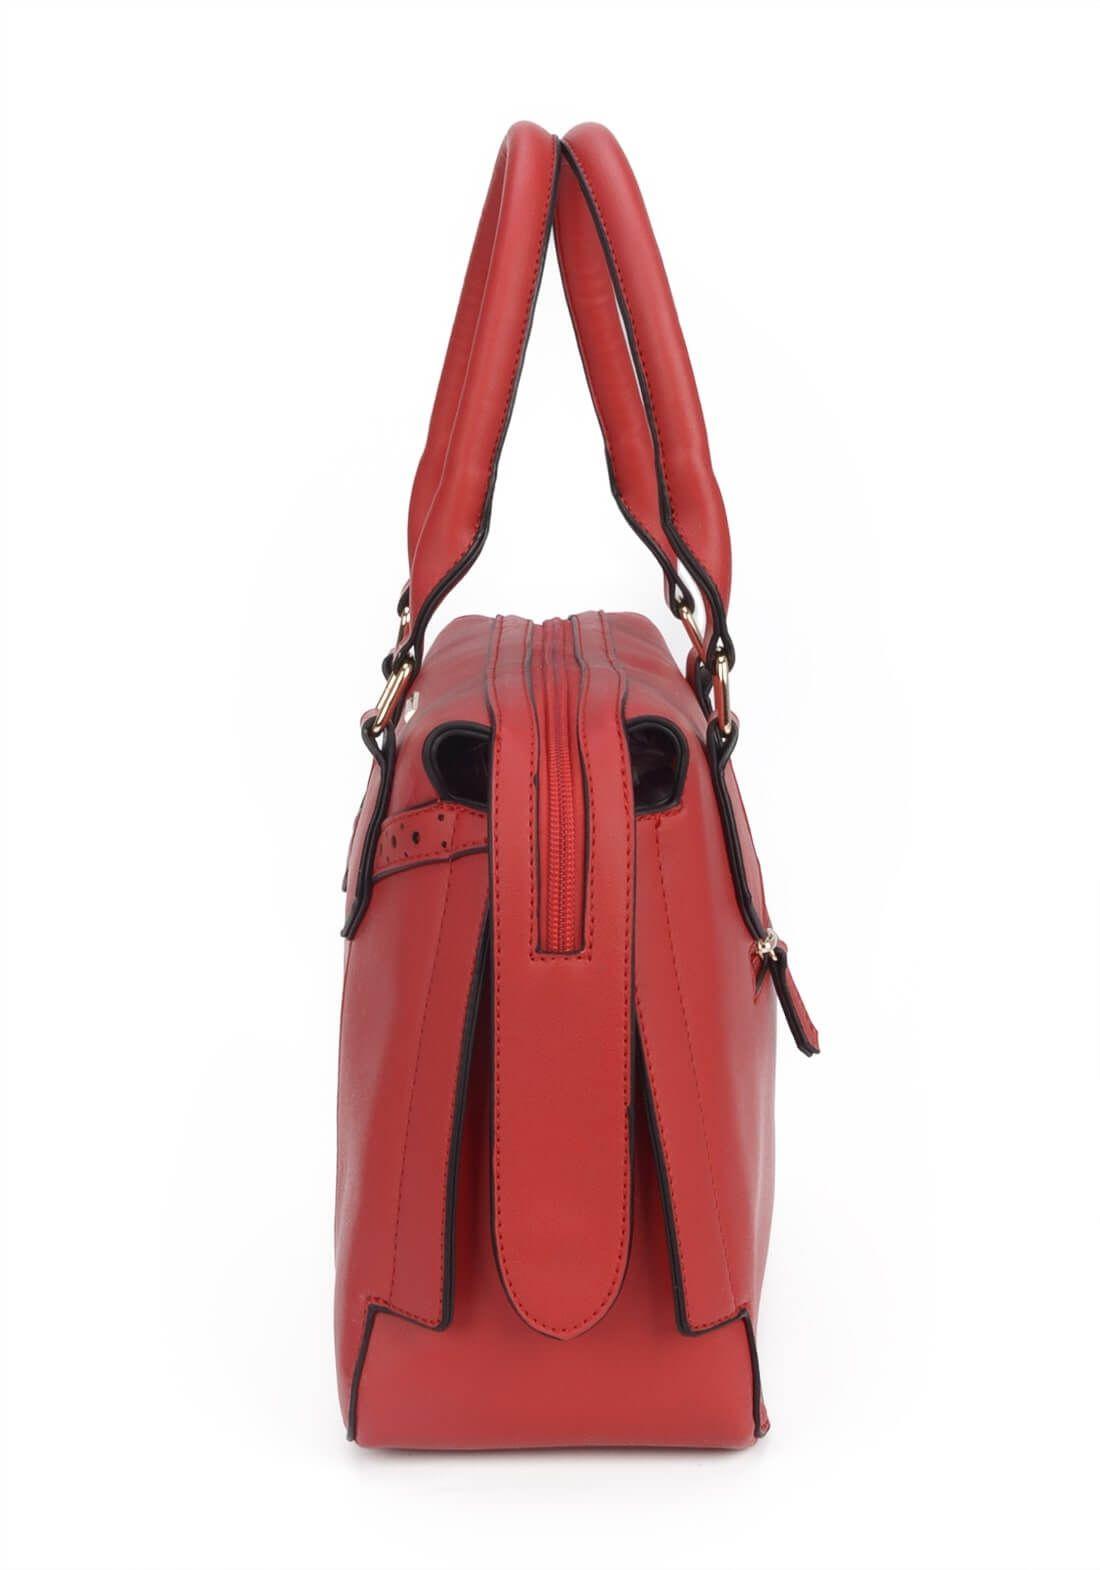 Bolsa Tiracolo Gash Transversal Vermelha Original